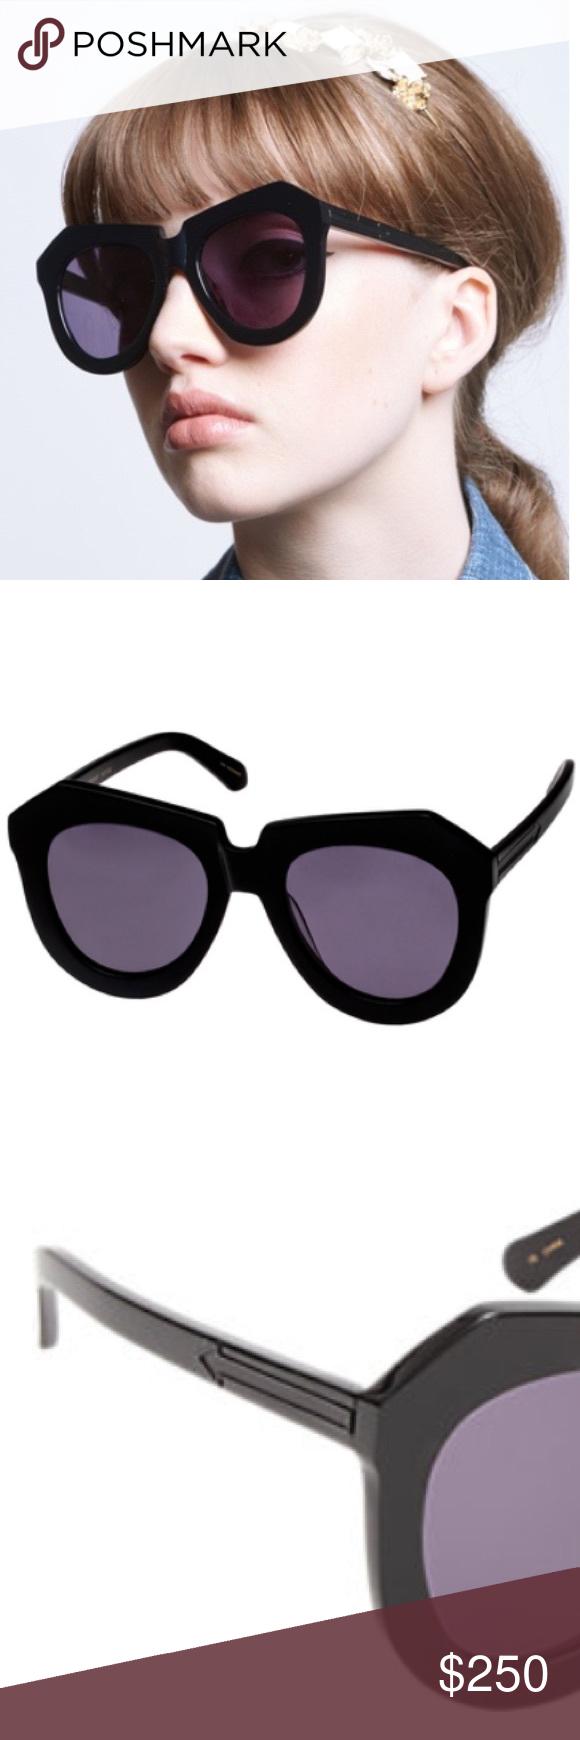 36095a09540f Karen Walker One Worship Sunglasses Brand new Karen Walker handmade black  plastic angular-frame